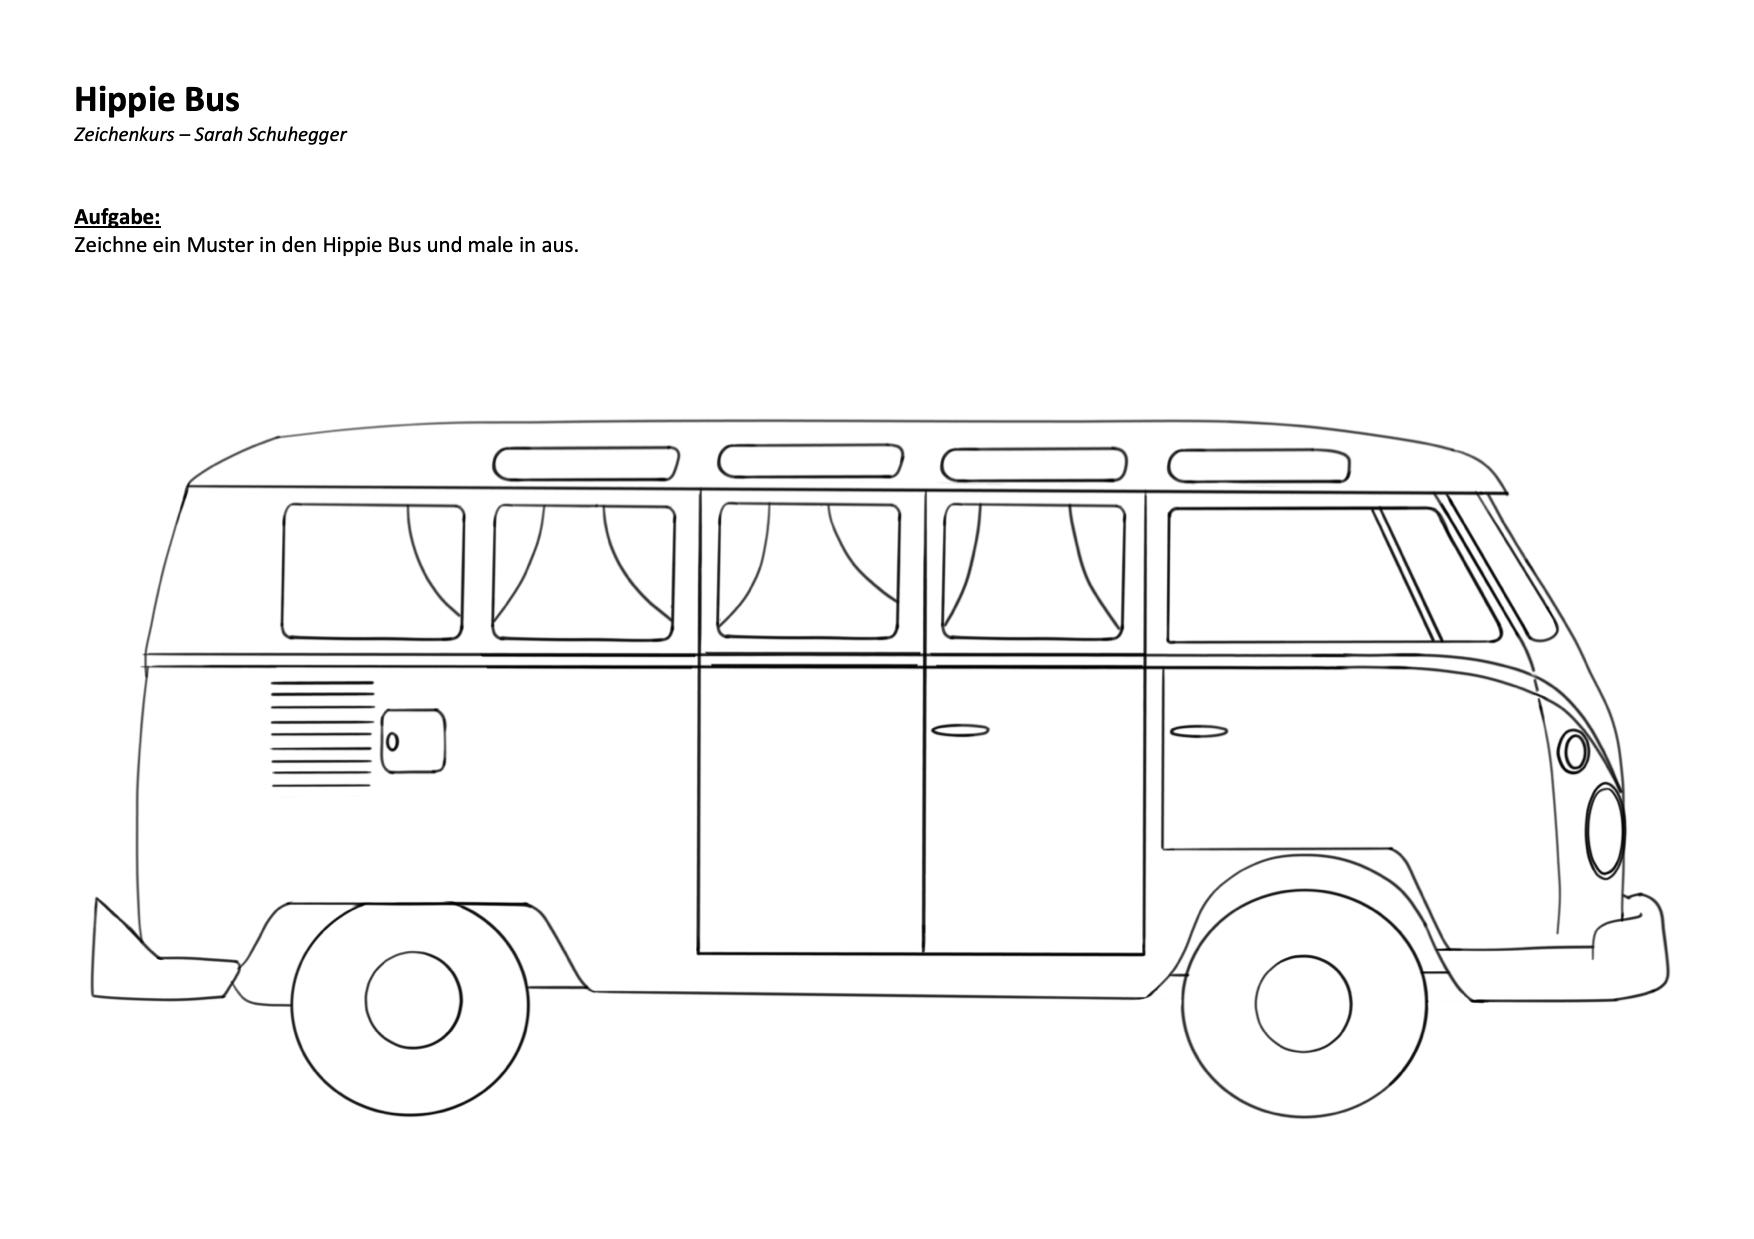 Hippie Bus zum ausmalen